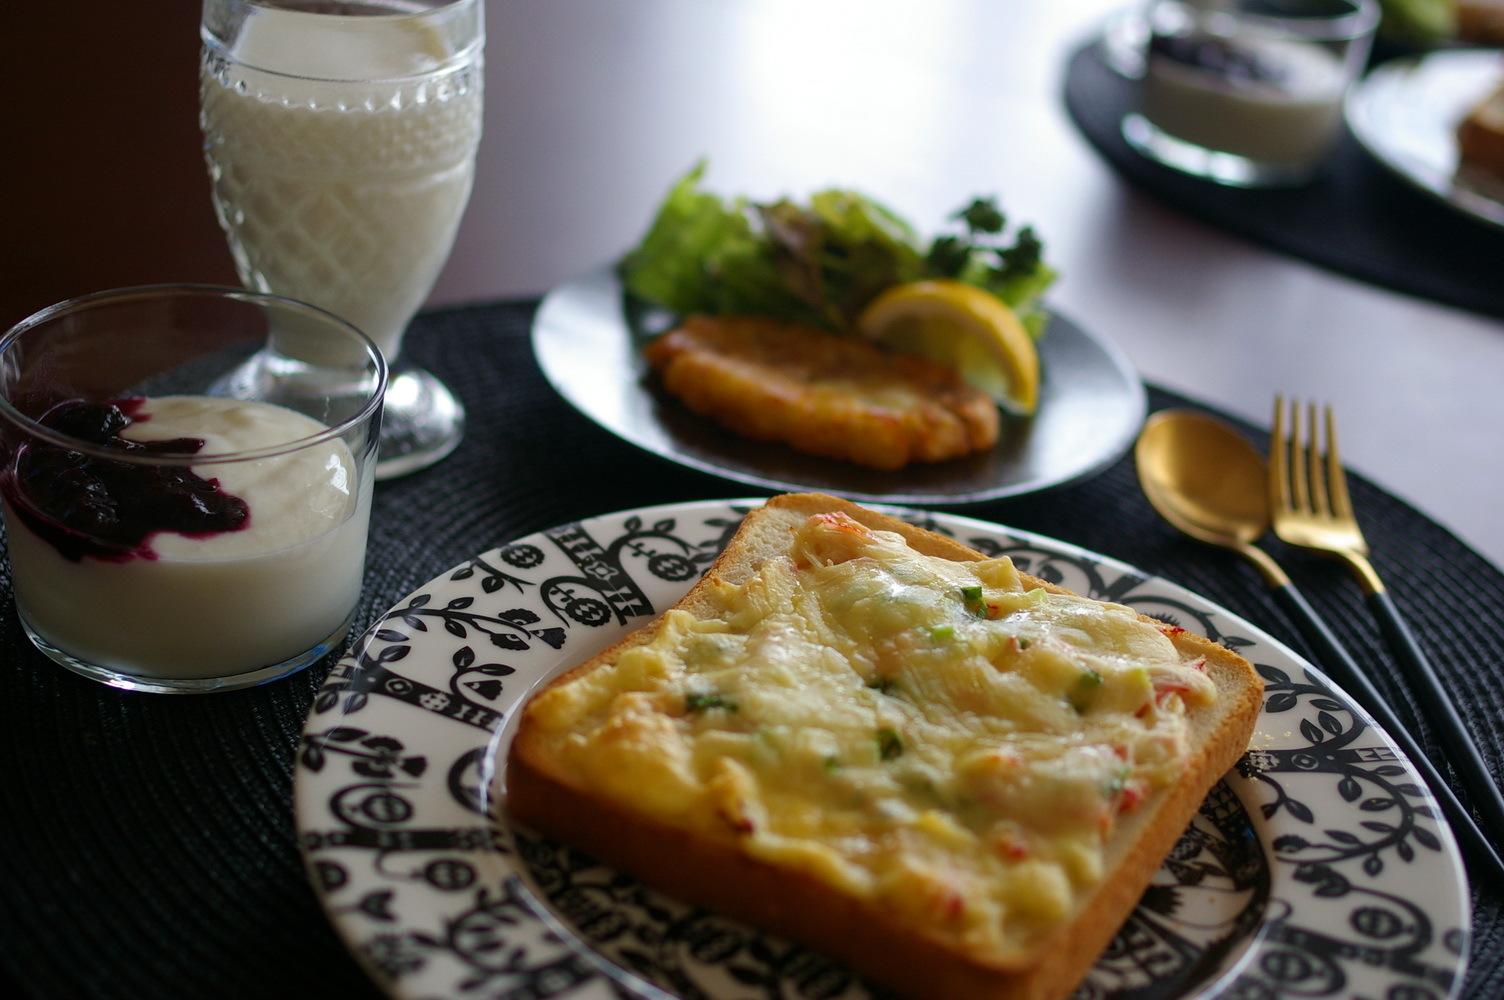 冷凍ピザパンと手作りハッシュドポテト_d0327373_10382671.jpg